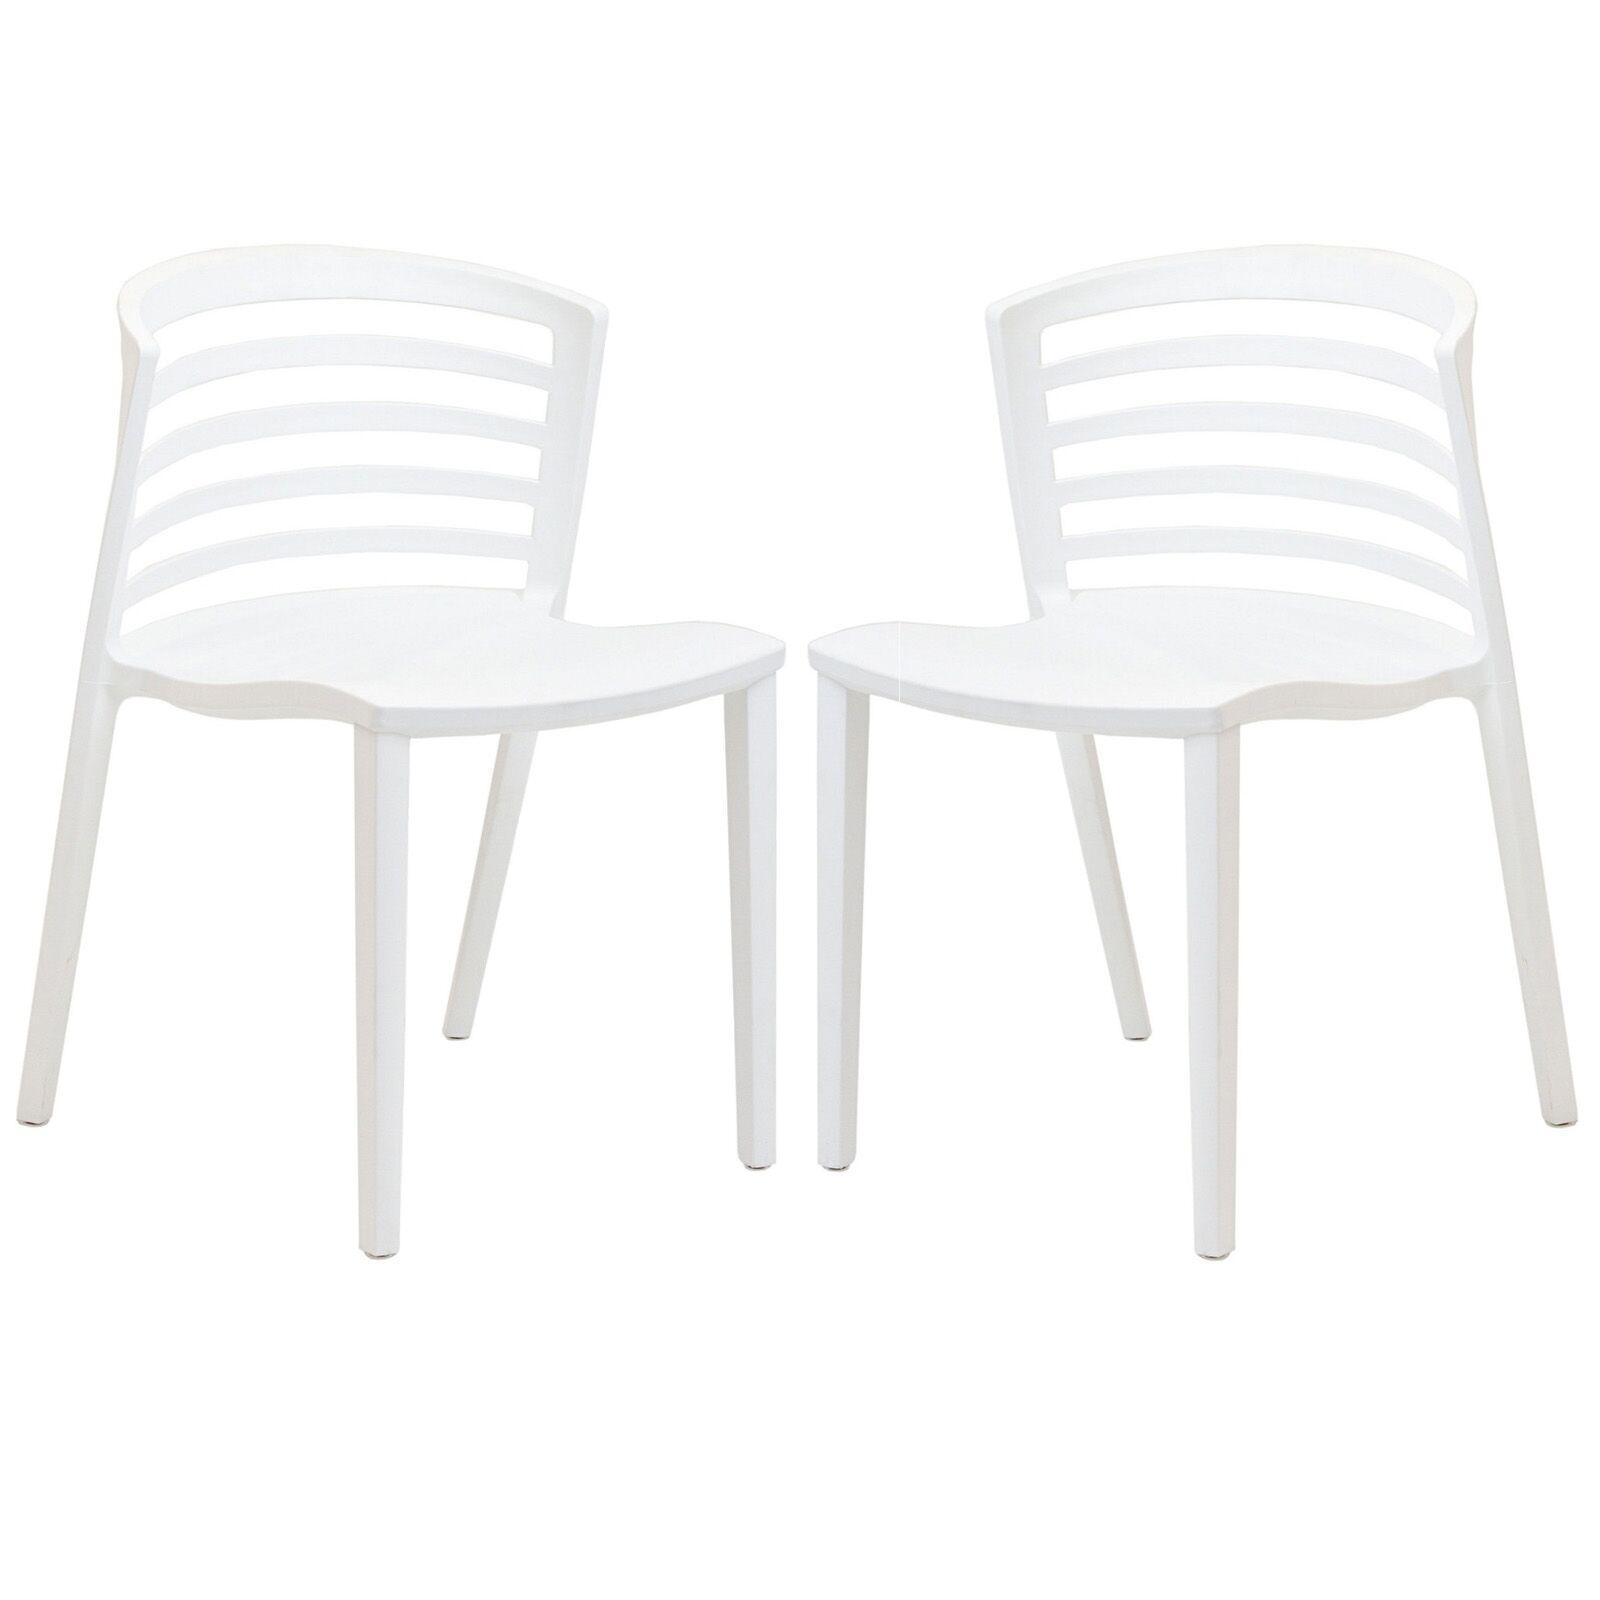 Predmore Plastic Side Chair Color: White